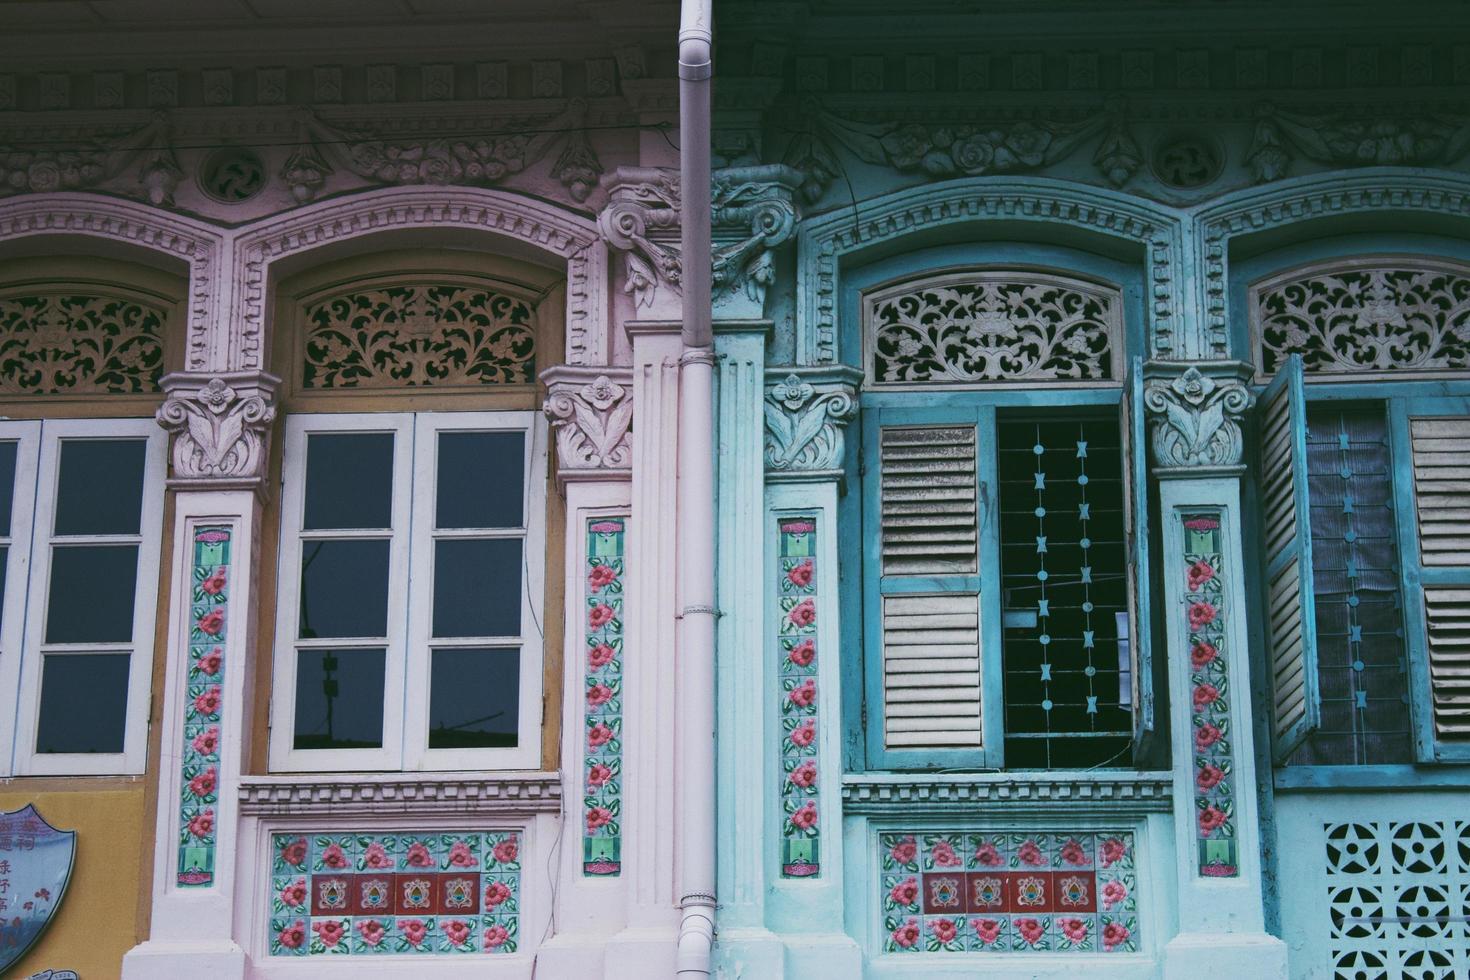 maison en bois rose et verte photo